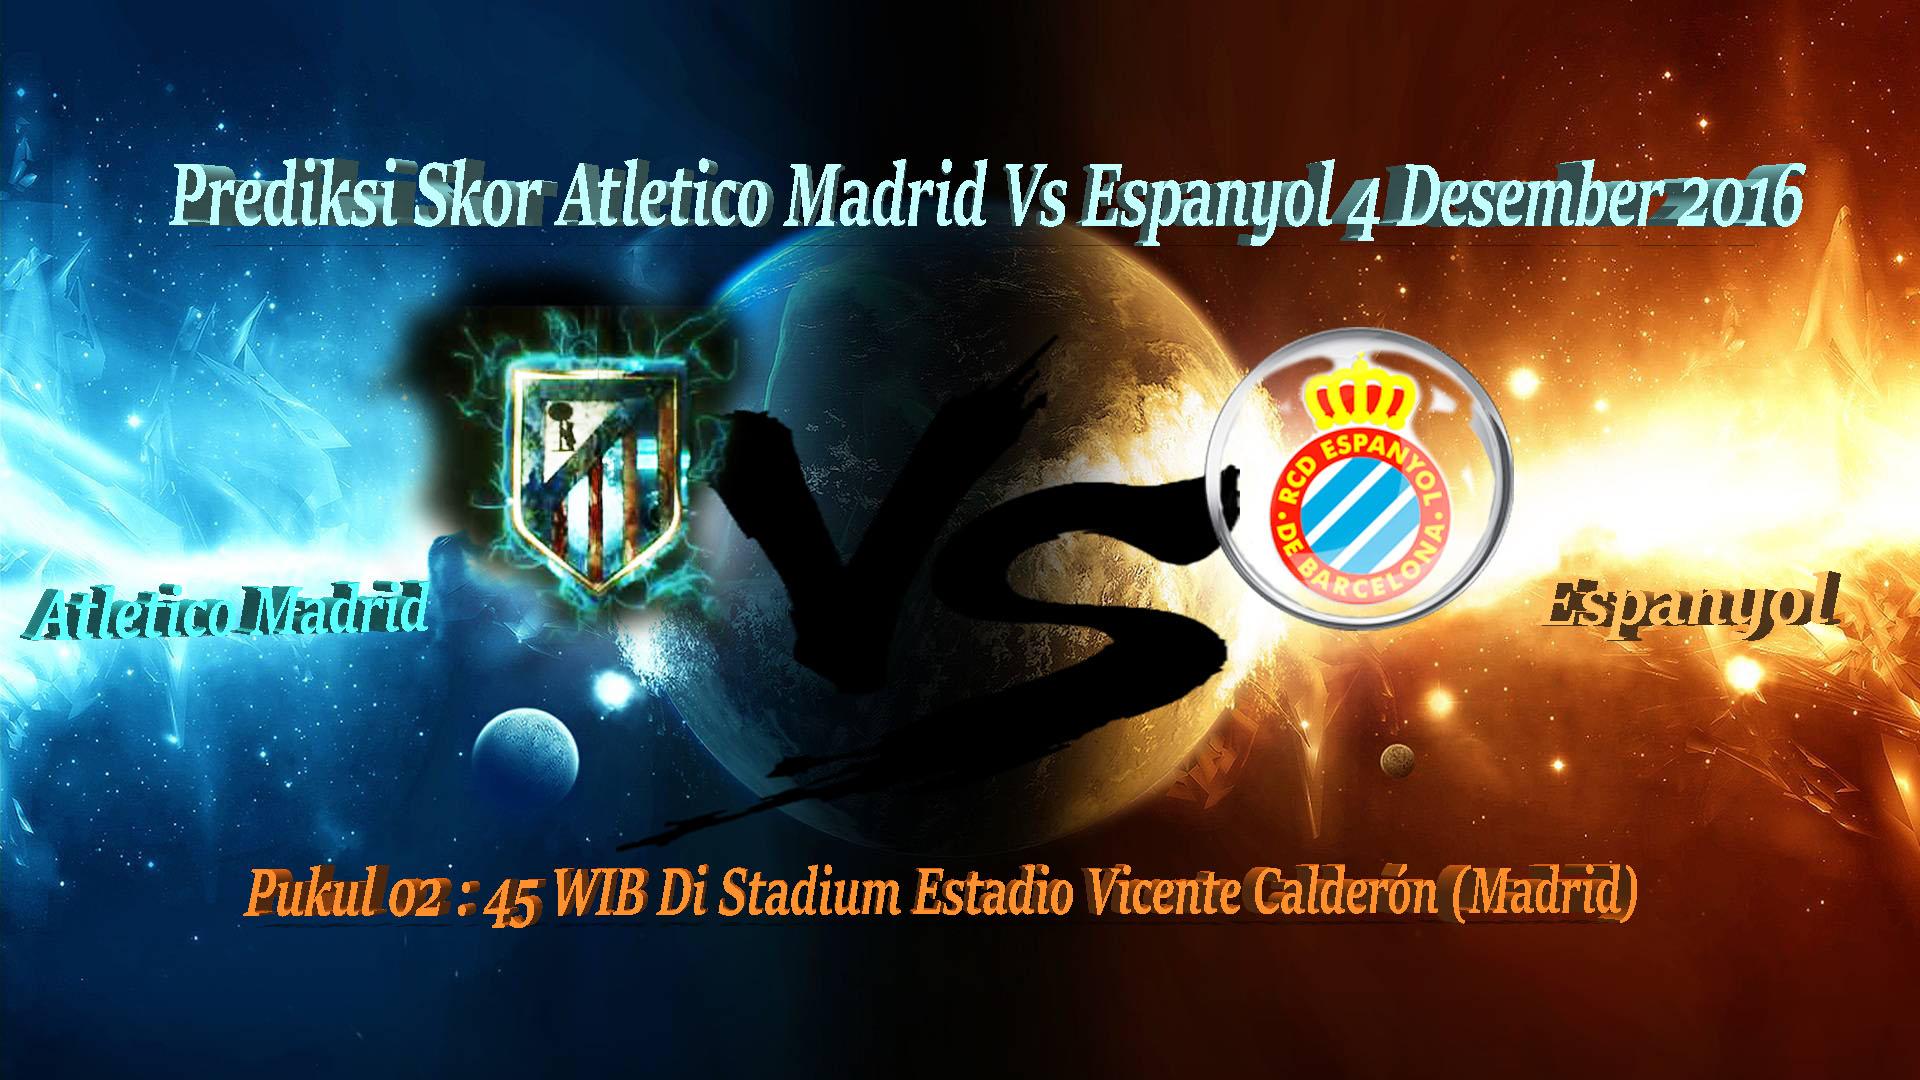 Prediksi Pertandingan Atletico Madrid Vs Espanyol